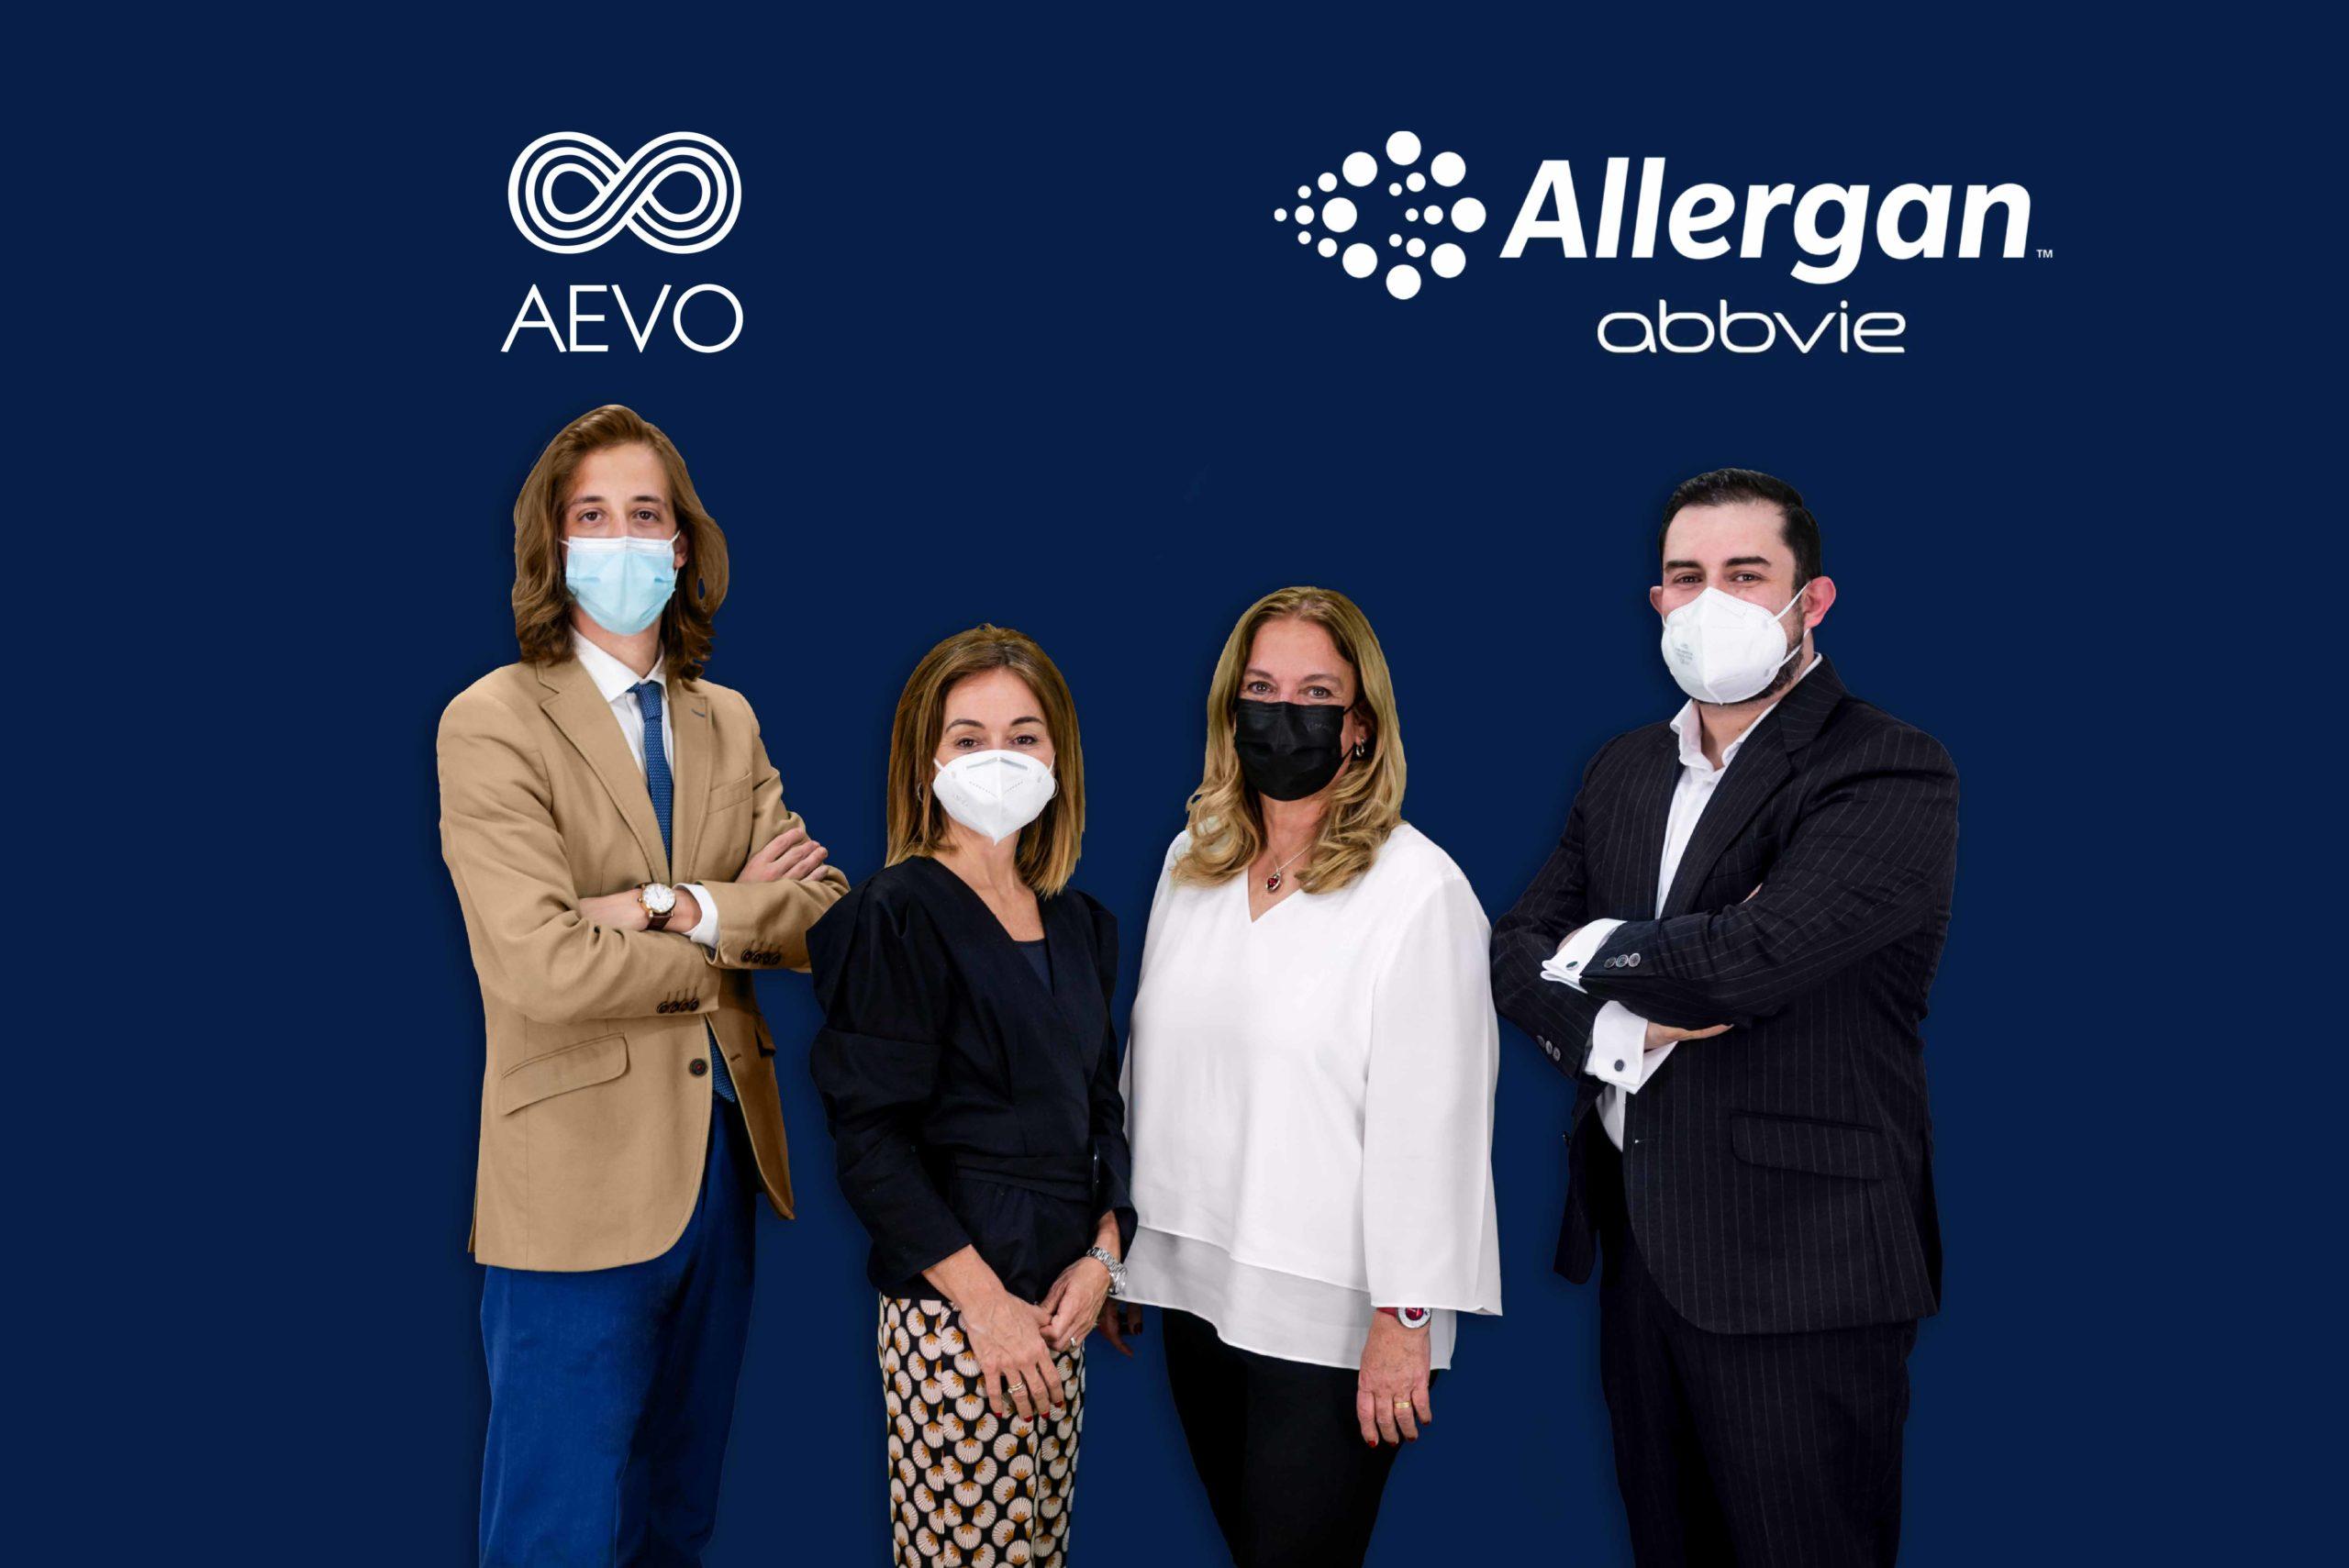 AEVO y Allergan Aesthetics firman una alianza estratégica